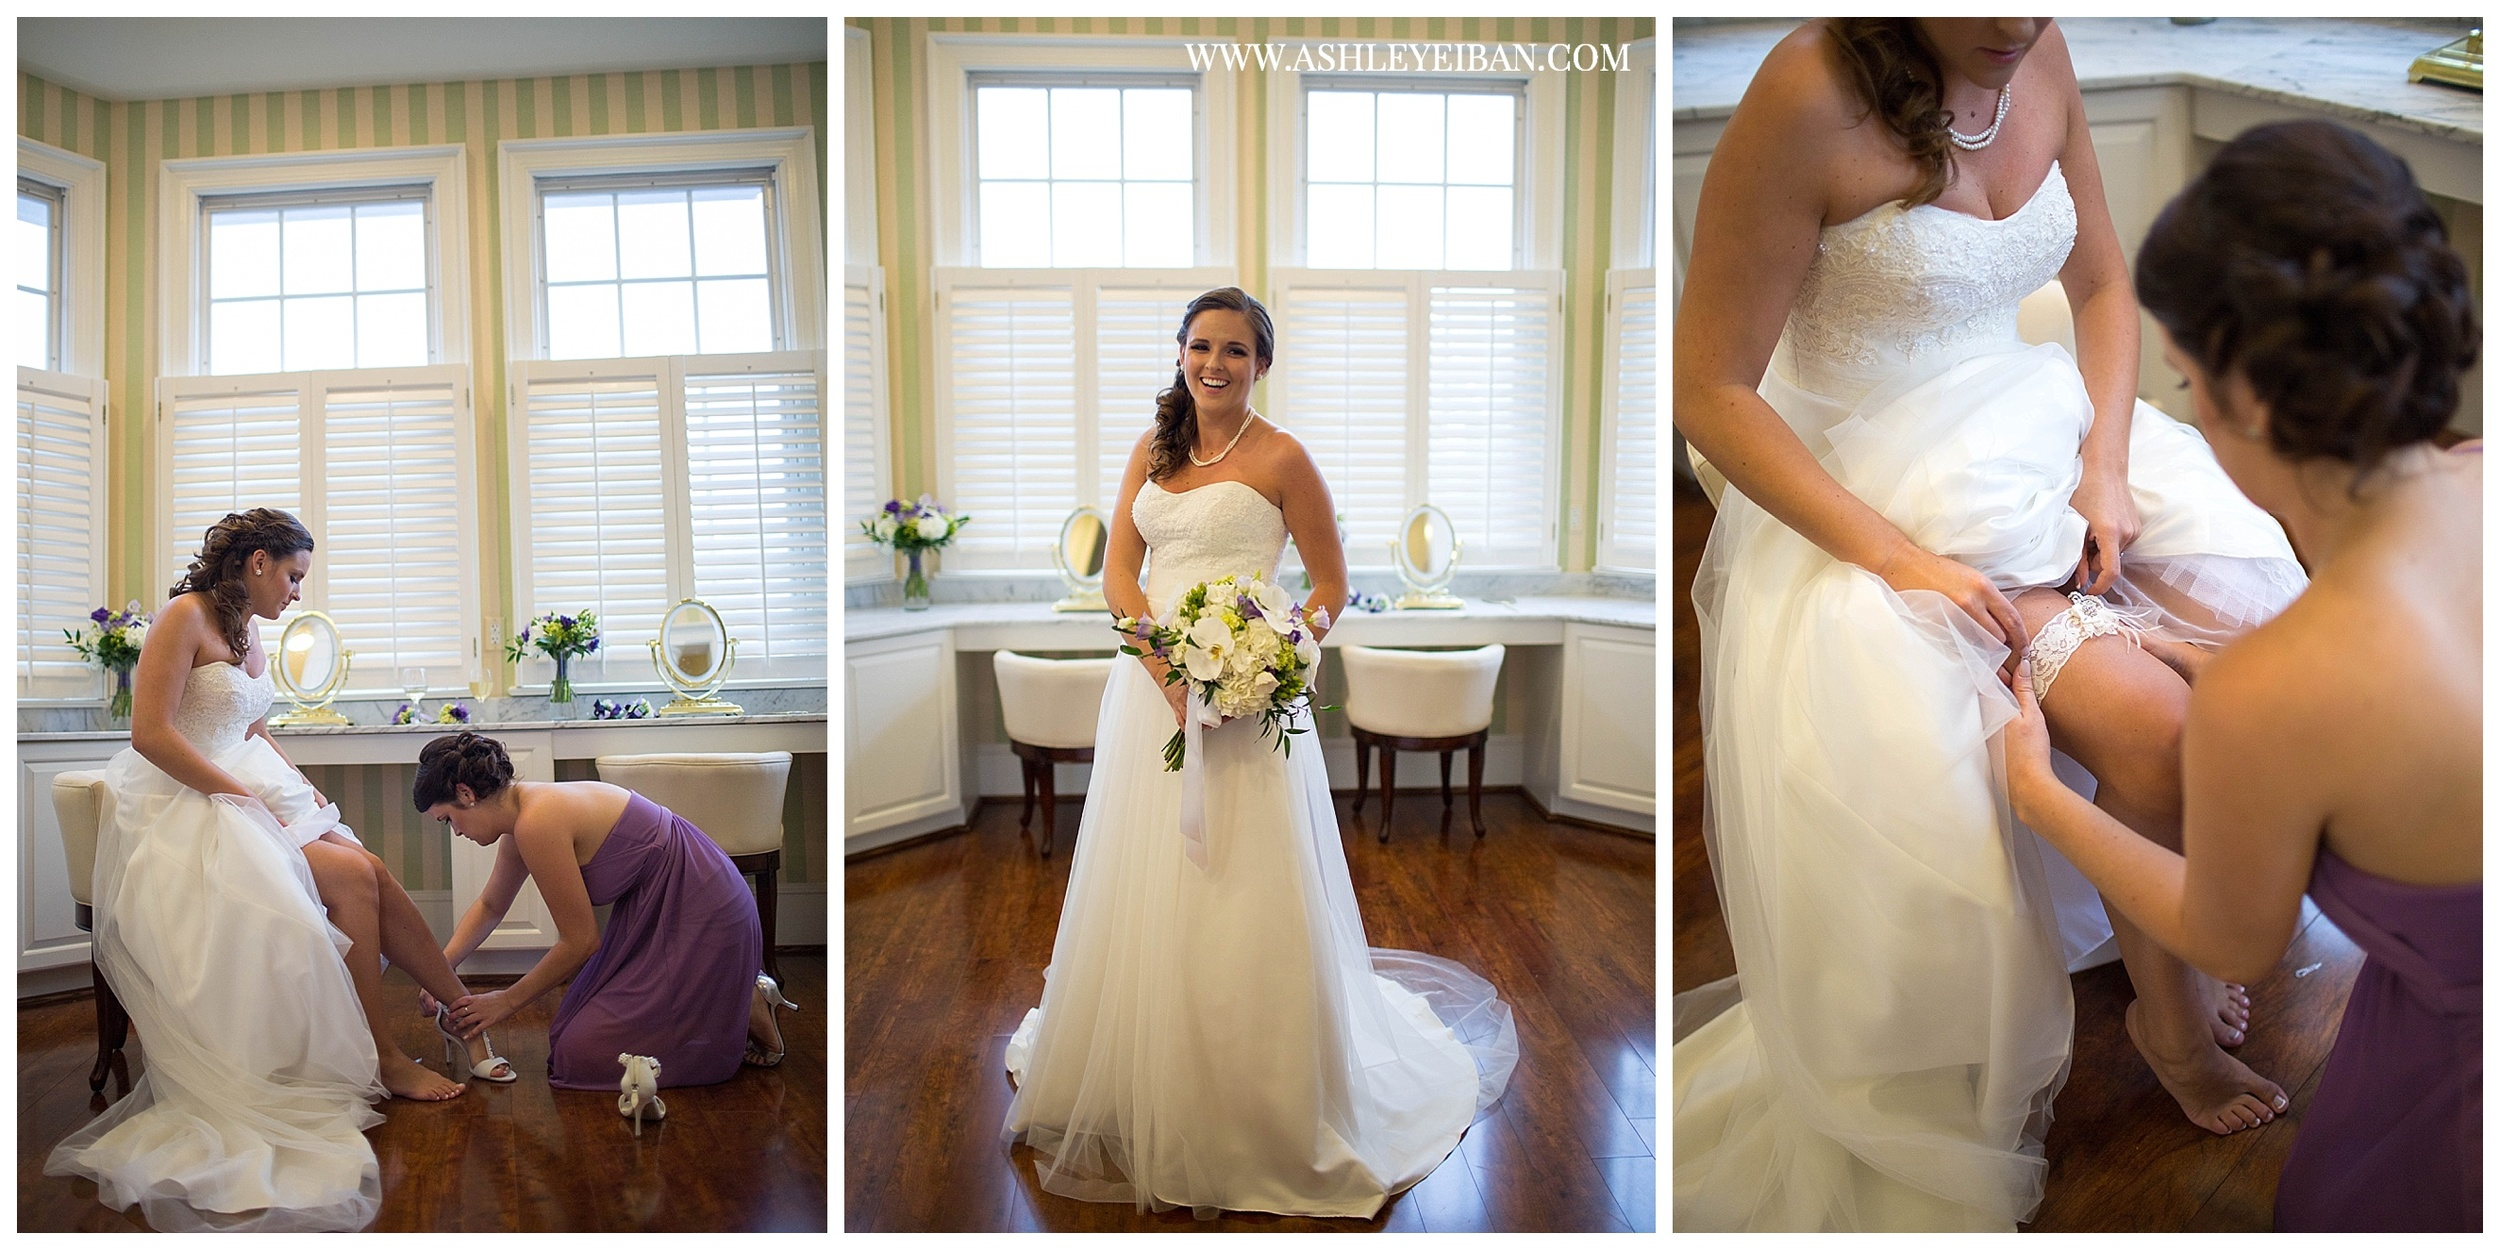 Lynchburg, Virginia Wedding Photographer || West Manor Estate Wedding || Ashley Eiban Photography || www.ashleyeiban.com